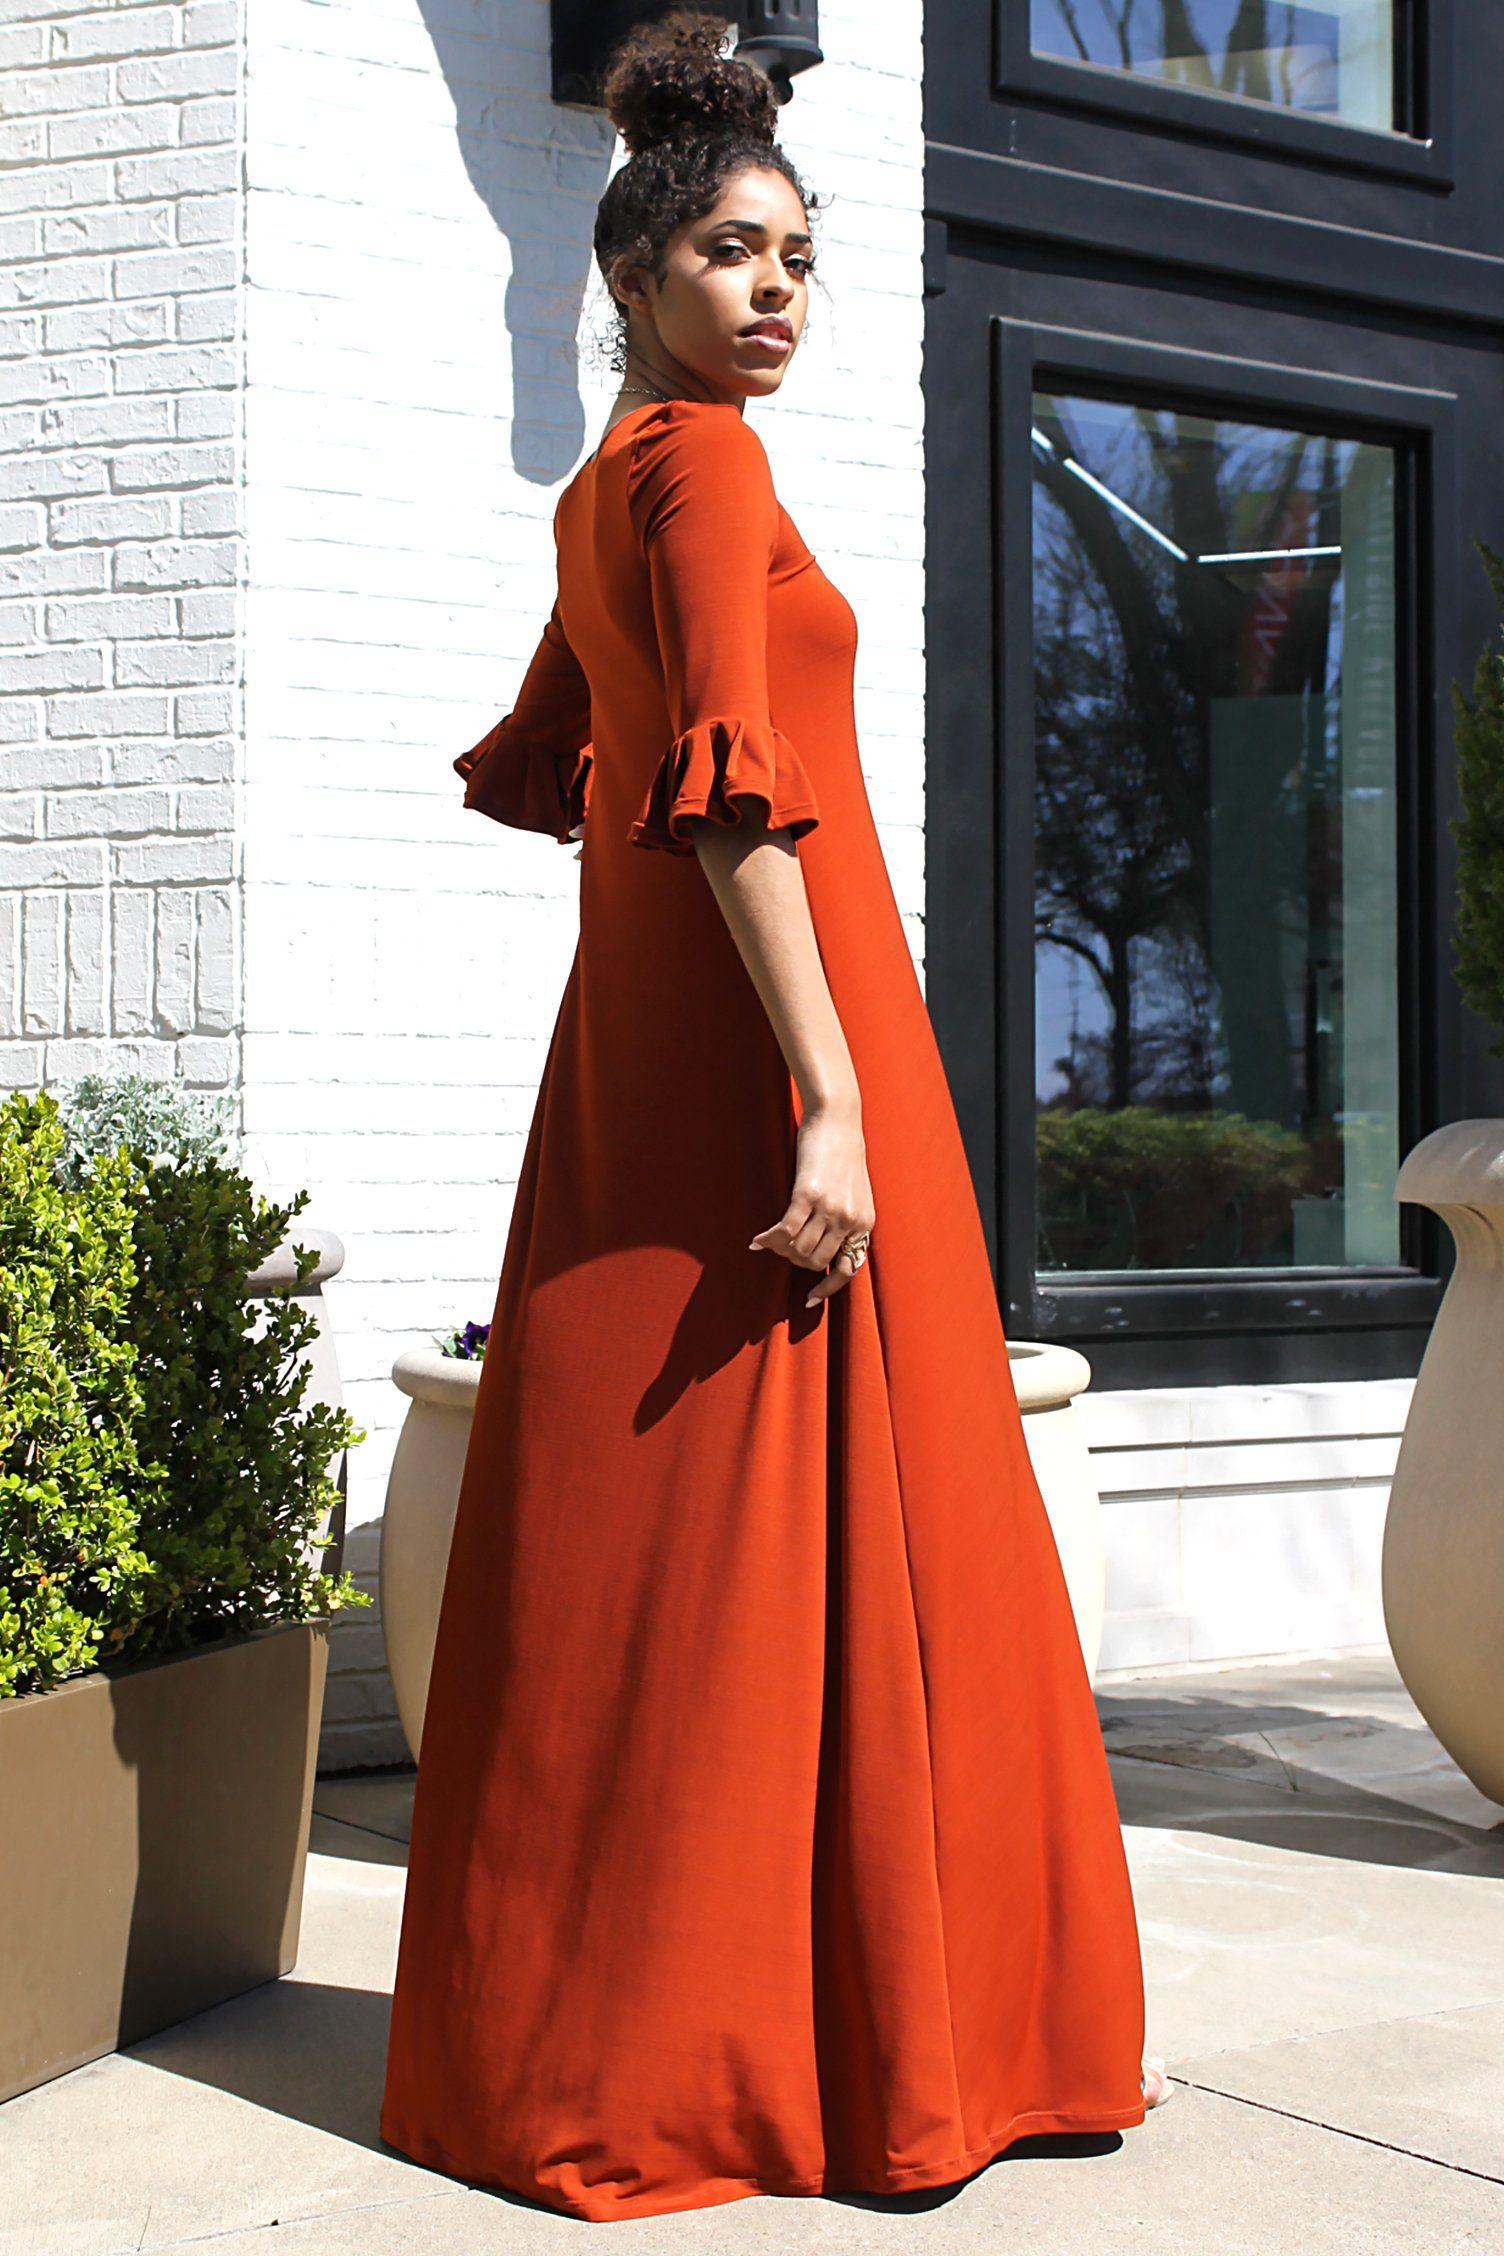 Villa bell sleeve maxi dress in modest modern dimiloc